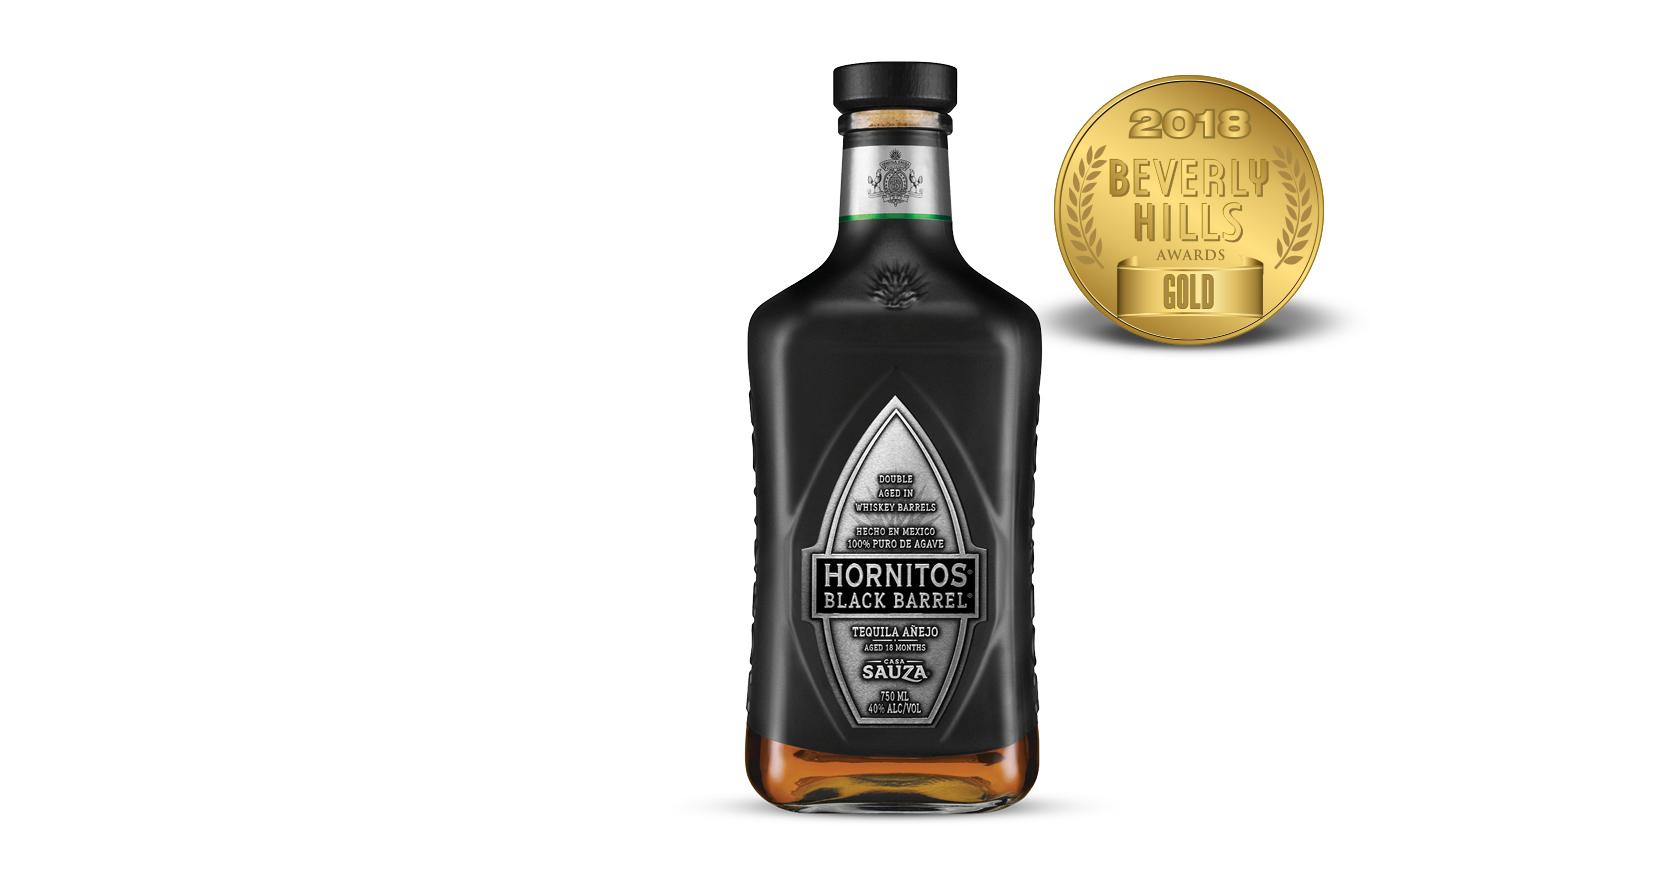 Hornitos Black Barrel Añejo Tequila